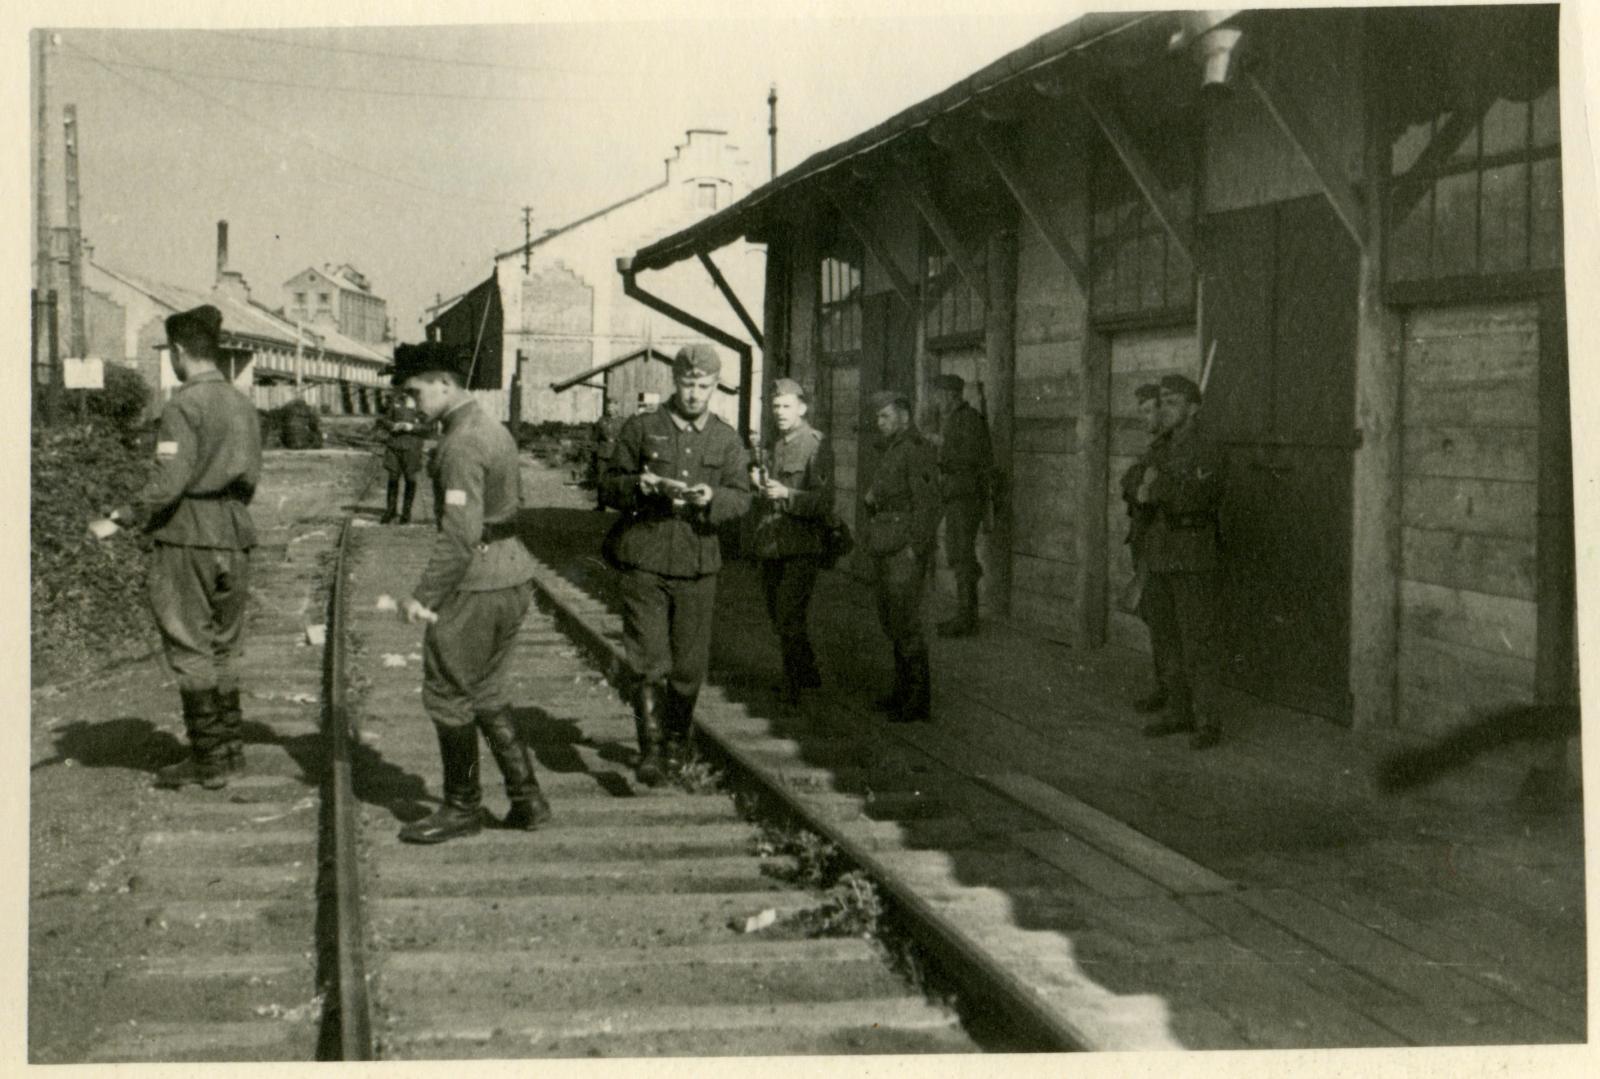 Перемышль. Немцы и украинская охрана лагеря для военнопленных № 315(Stalag 315) в районе железнодорожной станции